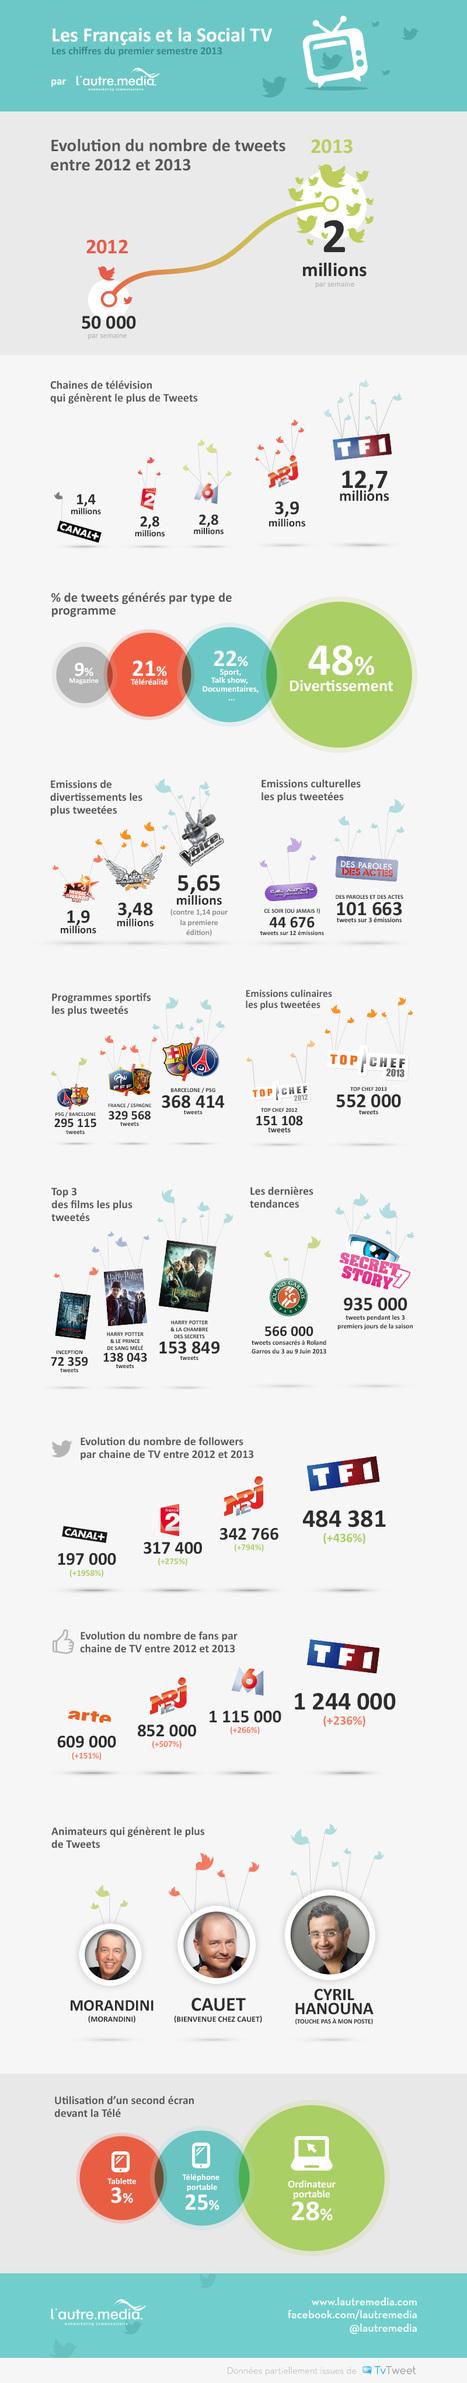 [Infographie] La Social TV et les français en 2013 | Articles blog - L'Autre Média | Scoop.it